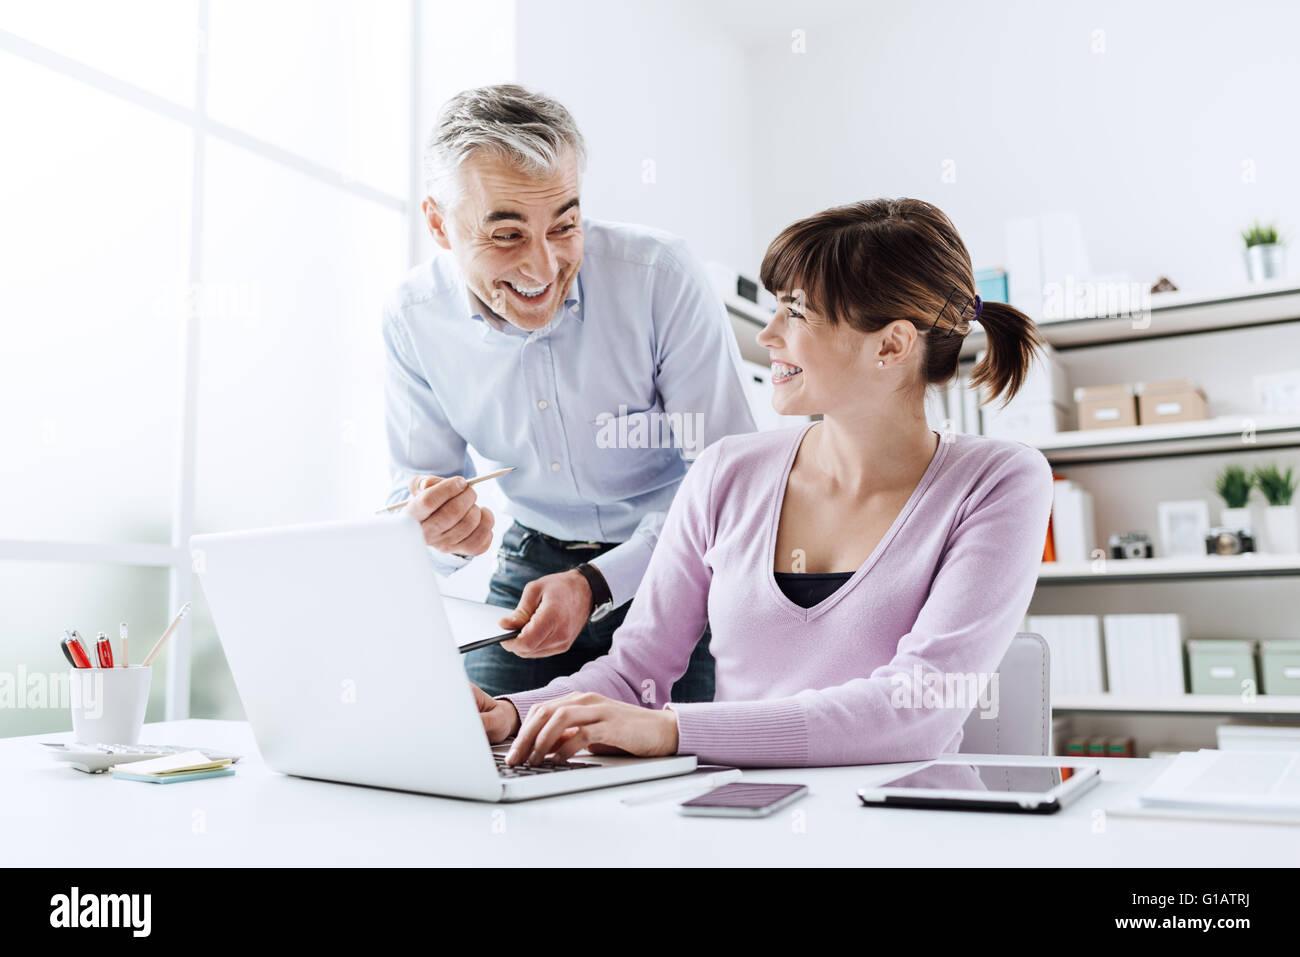 Allegro la gente di affari in ufficio, stanno lavorando insieme e sorridente, la donna è la digitazione su Immagini Stock